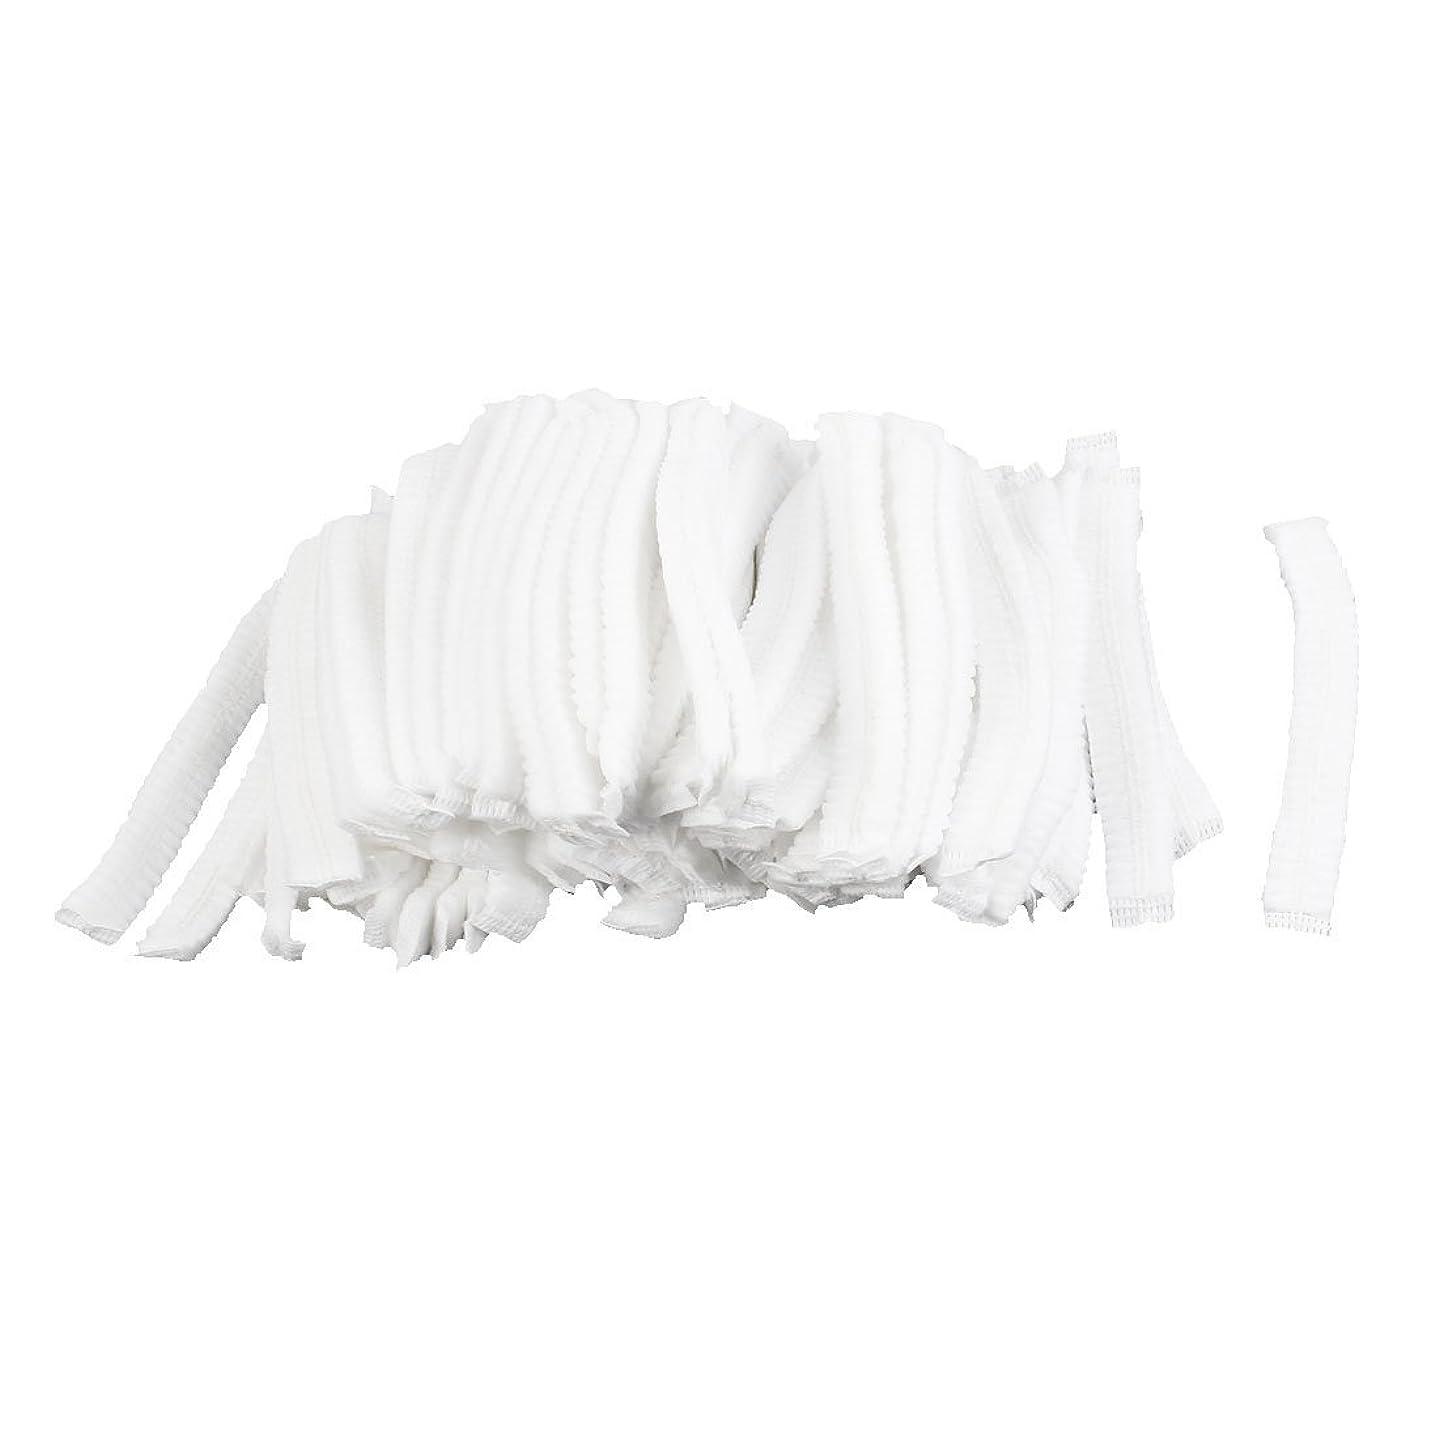 モジュールコショウ回転するuxcell シャワーキャップ 白い 不織布 使い捨て 防塵 100個入り